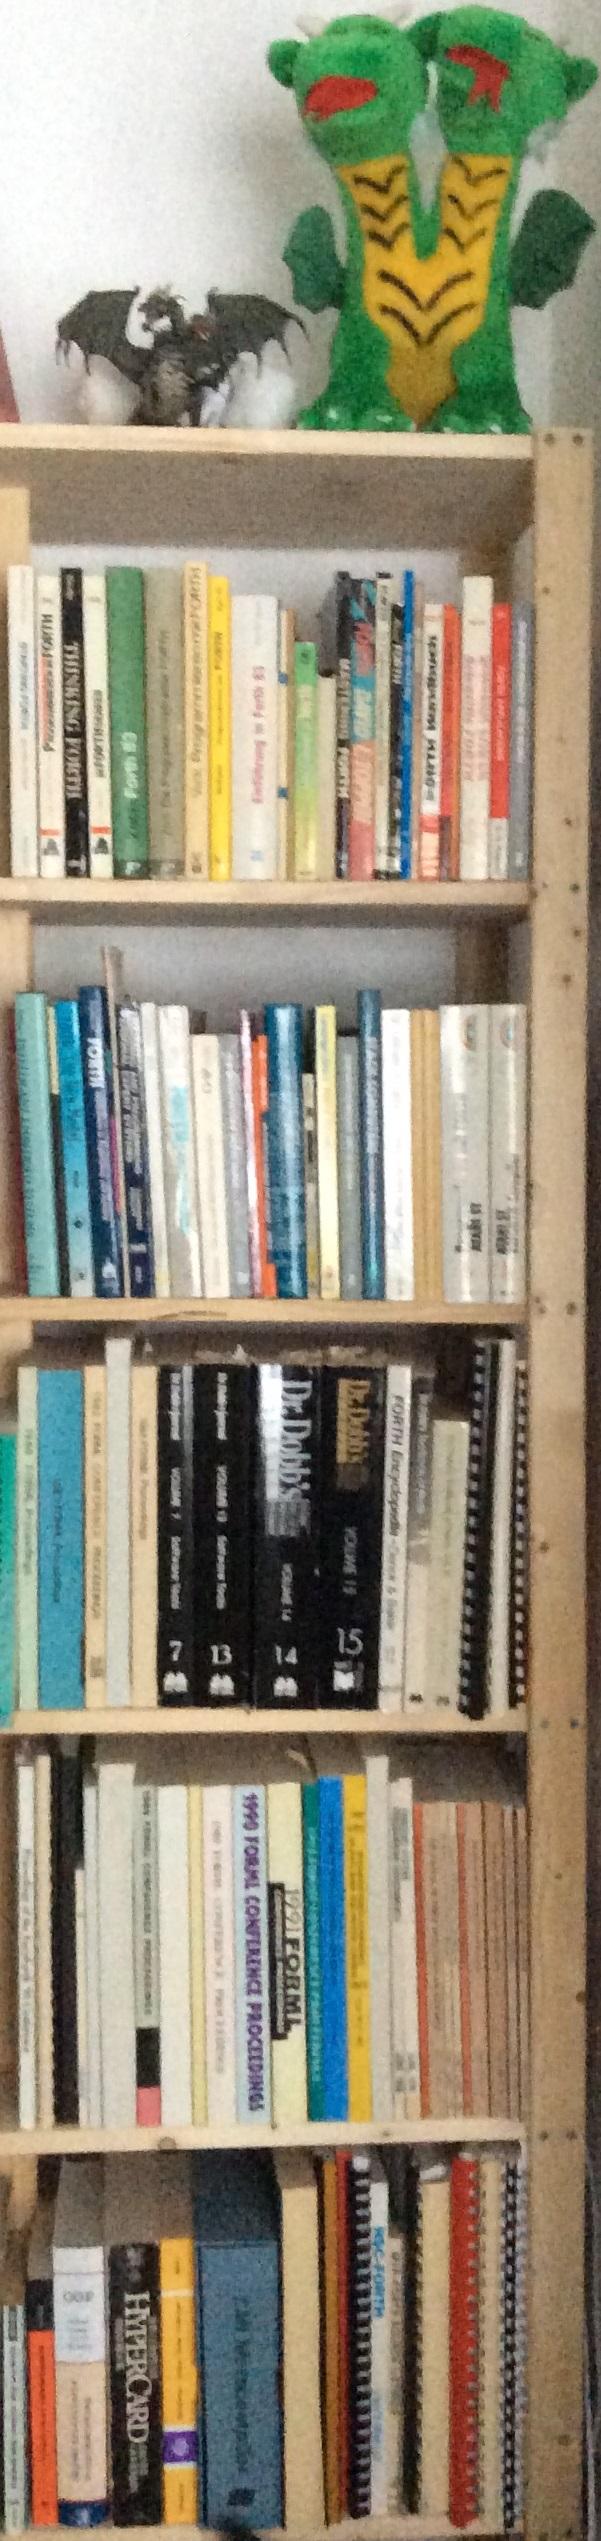 Die KKS-Sammlung 1/2018. Annähernd gleich groß existiert noch ein Regal im Keller, mit Ordnern voller Forth-Artikel und dem Forth-Magazin.